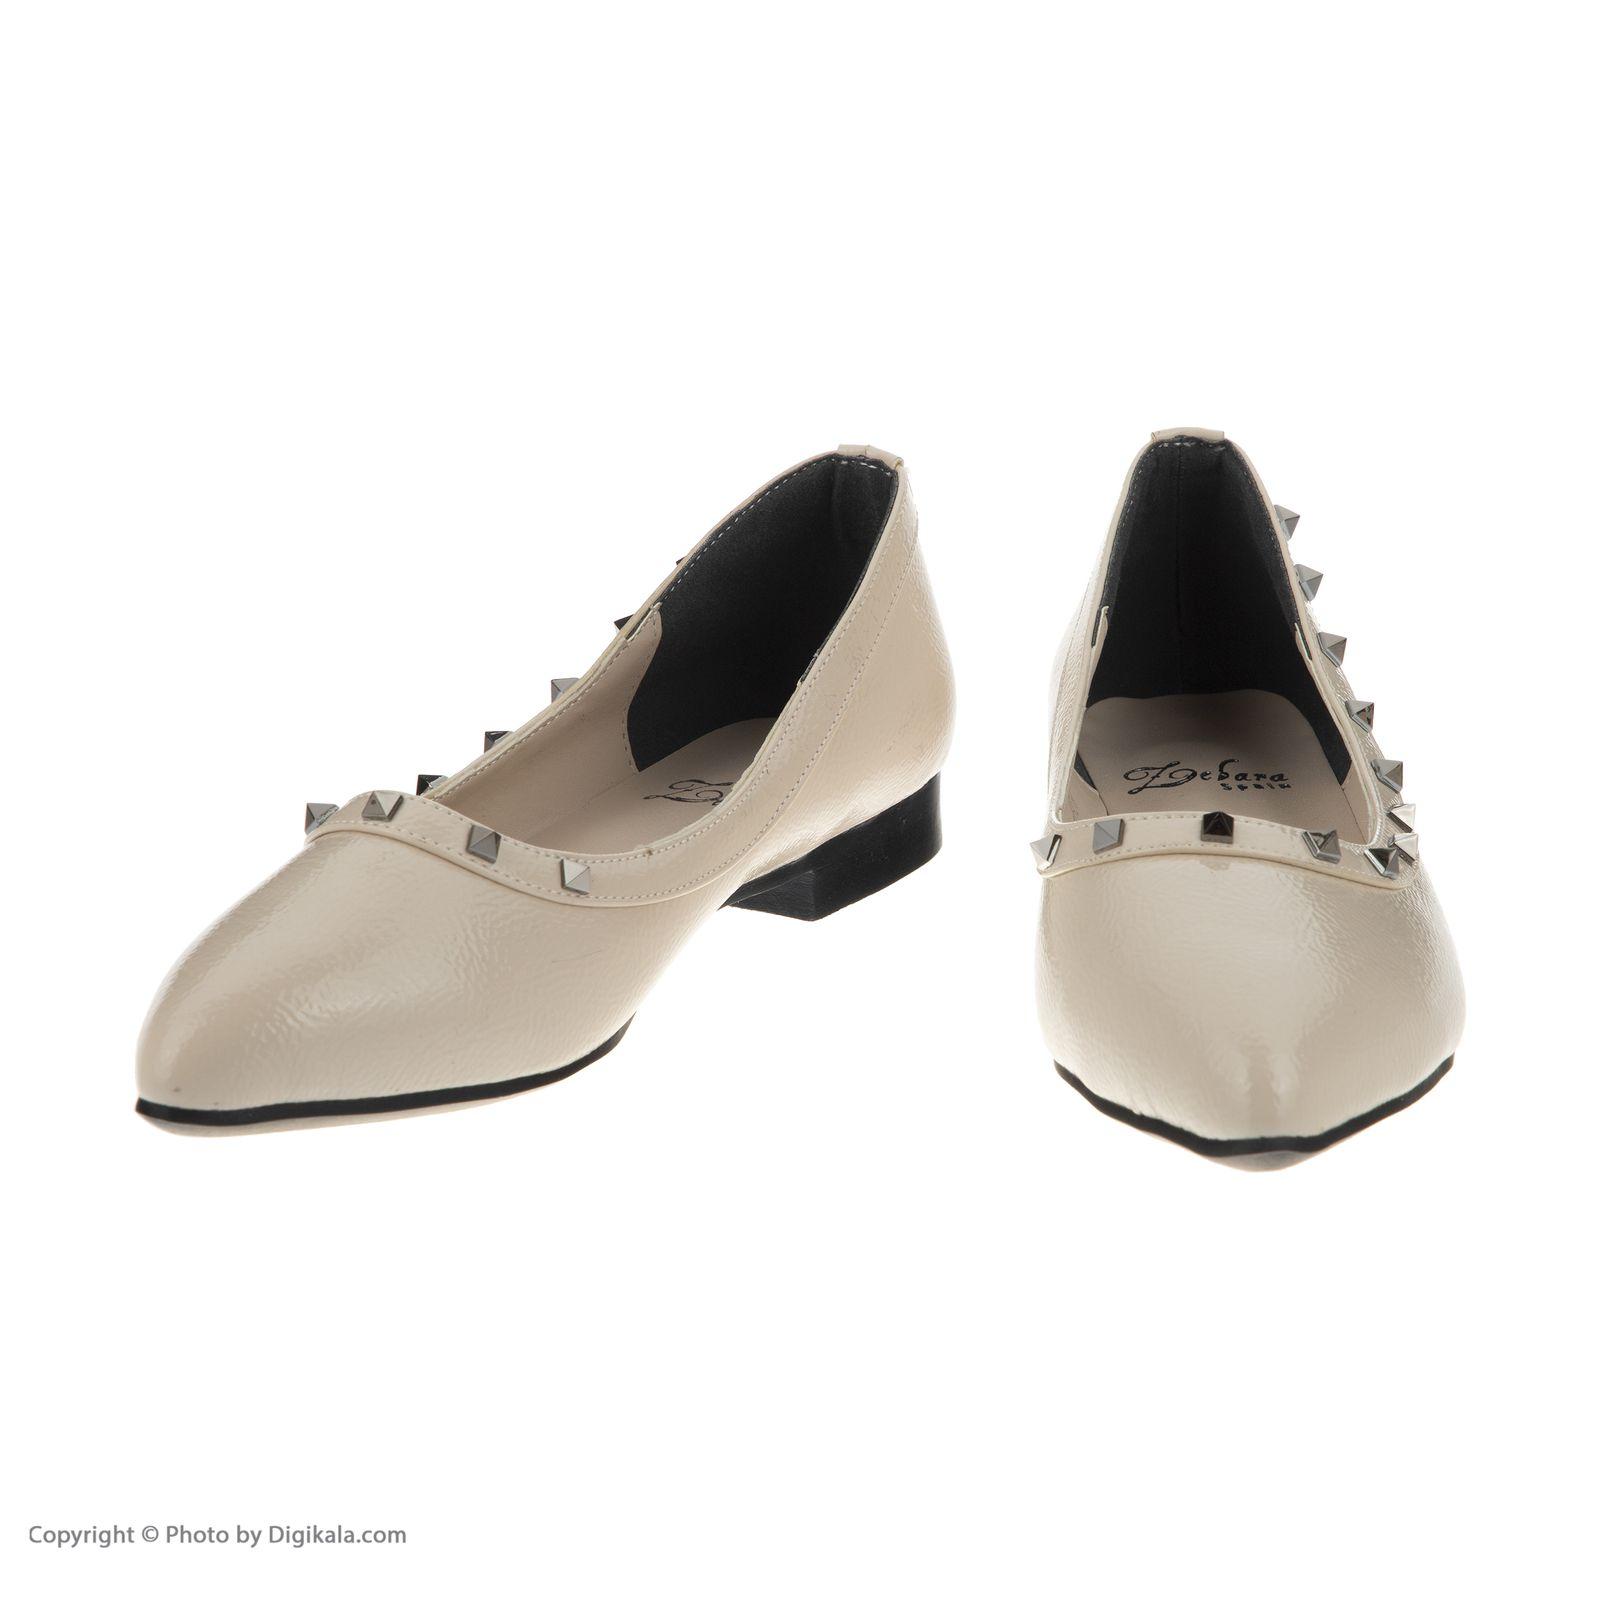 کفش زنانه زبرا مدل 6090 -  - 4